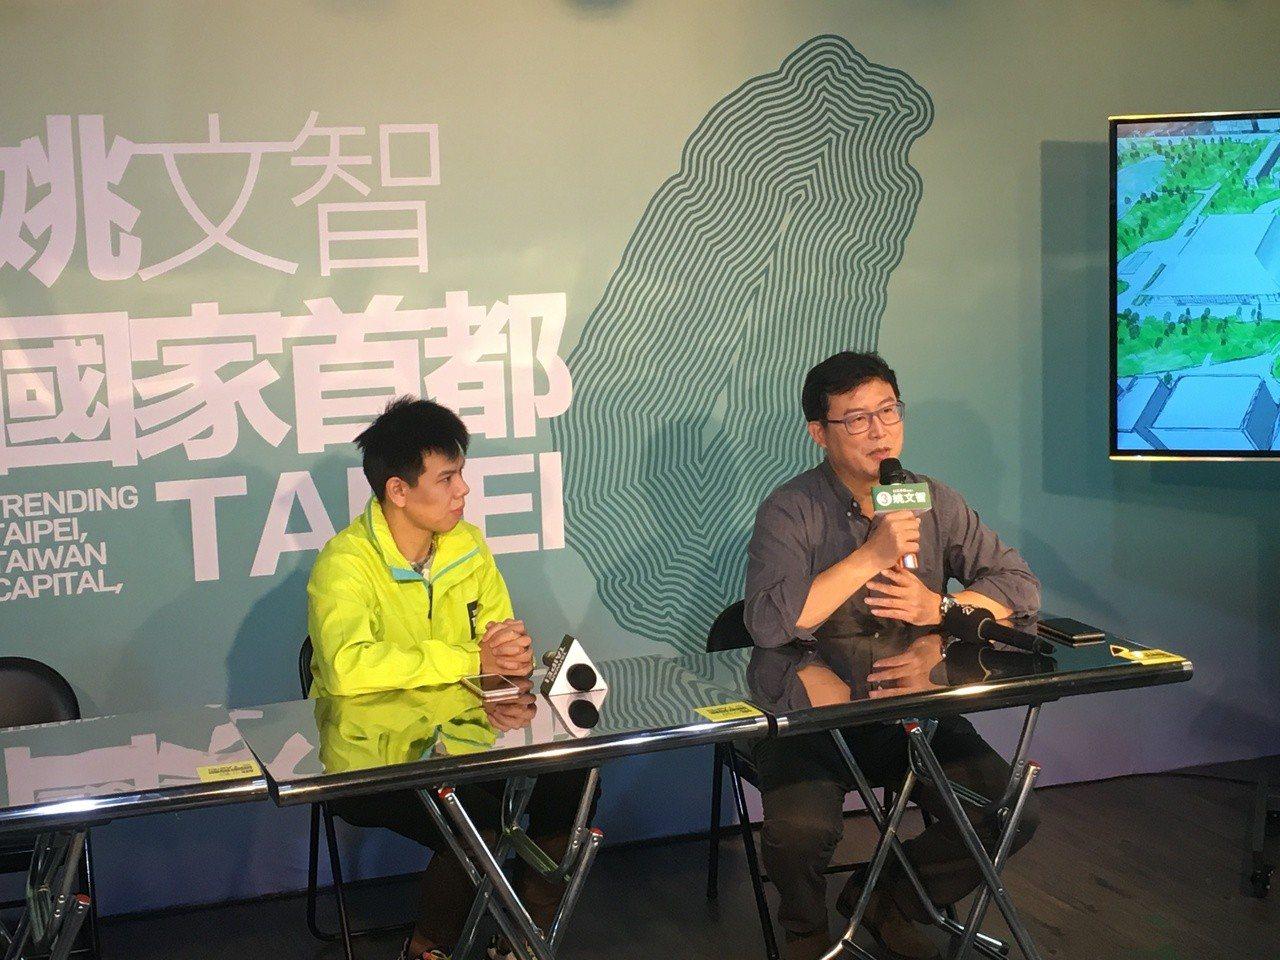 民進黨台北市長候選人姚文智(右)。記者張世杰/攝影